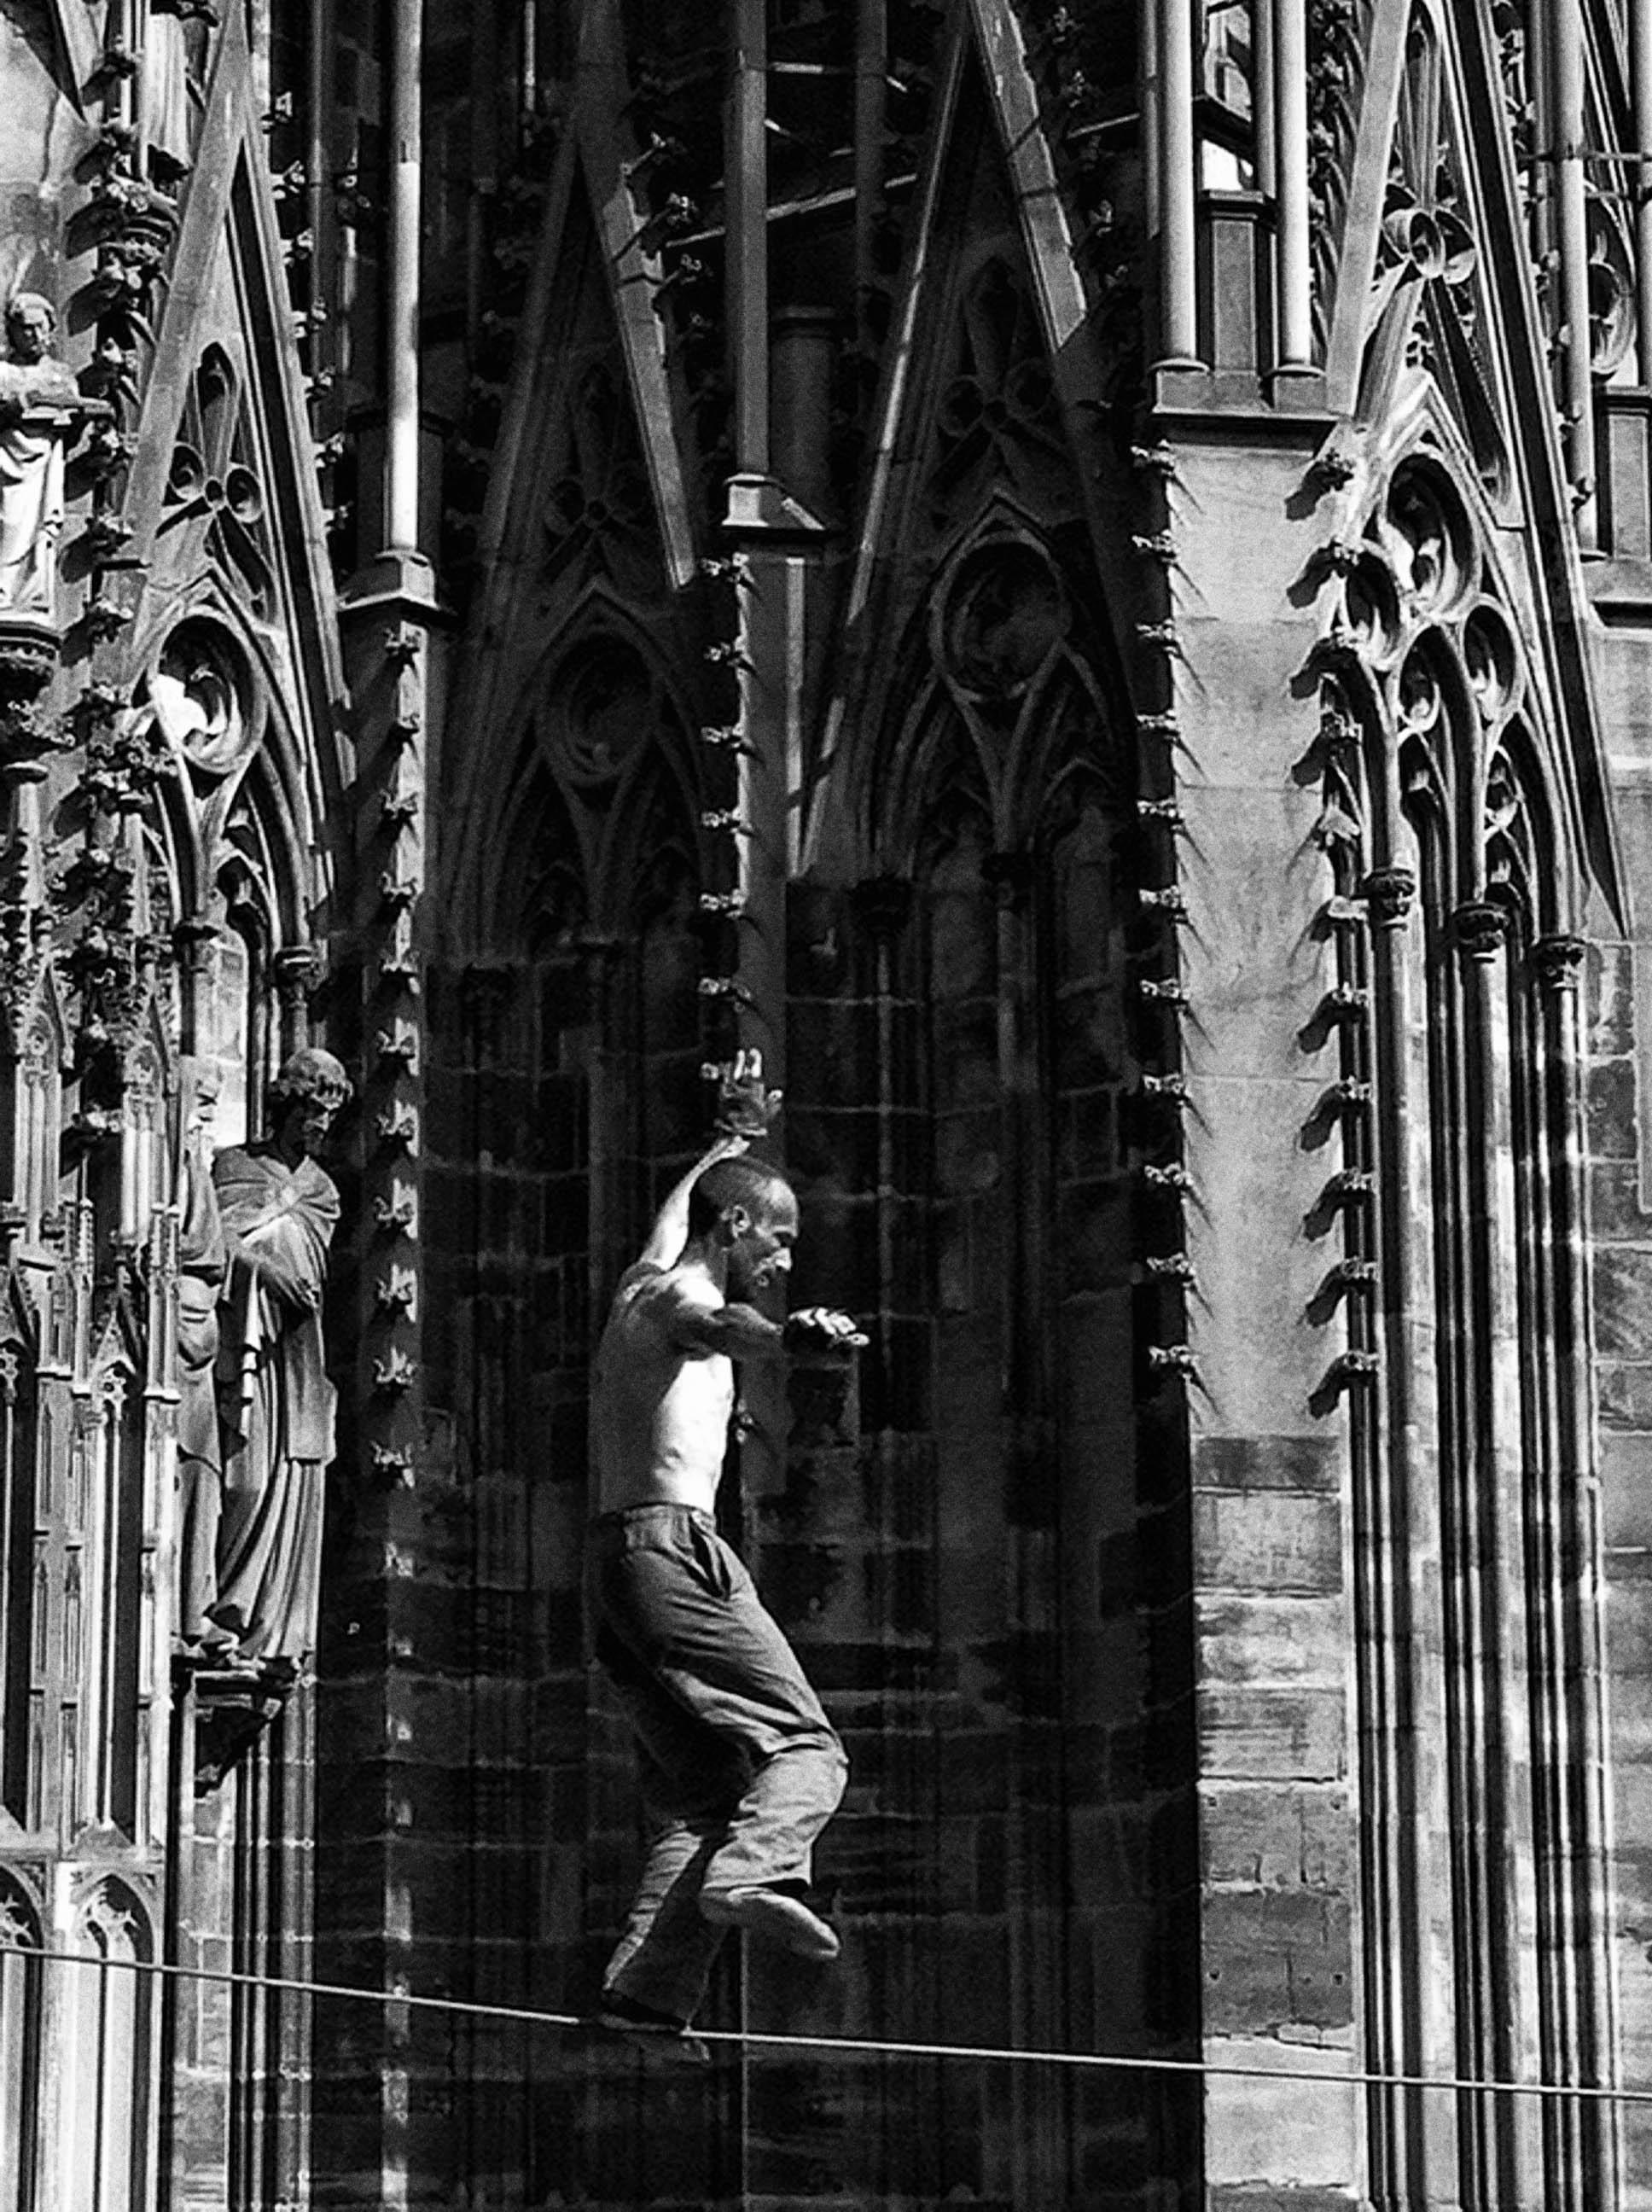 millénaire cathédrale de strasbourg, le funambule